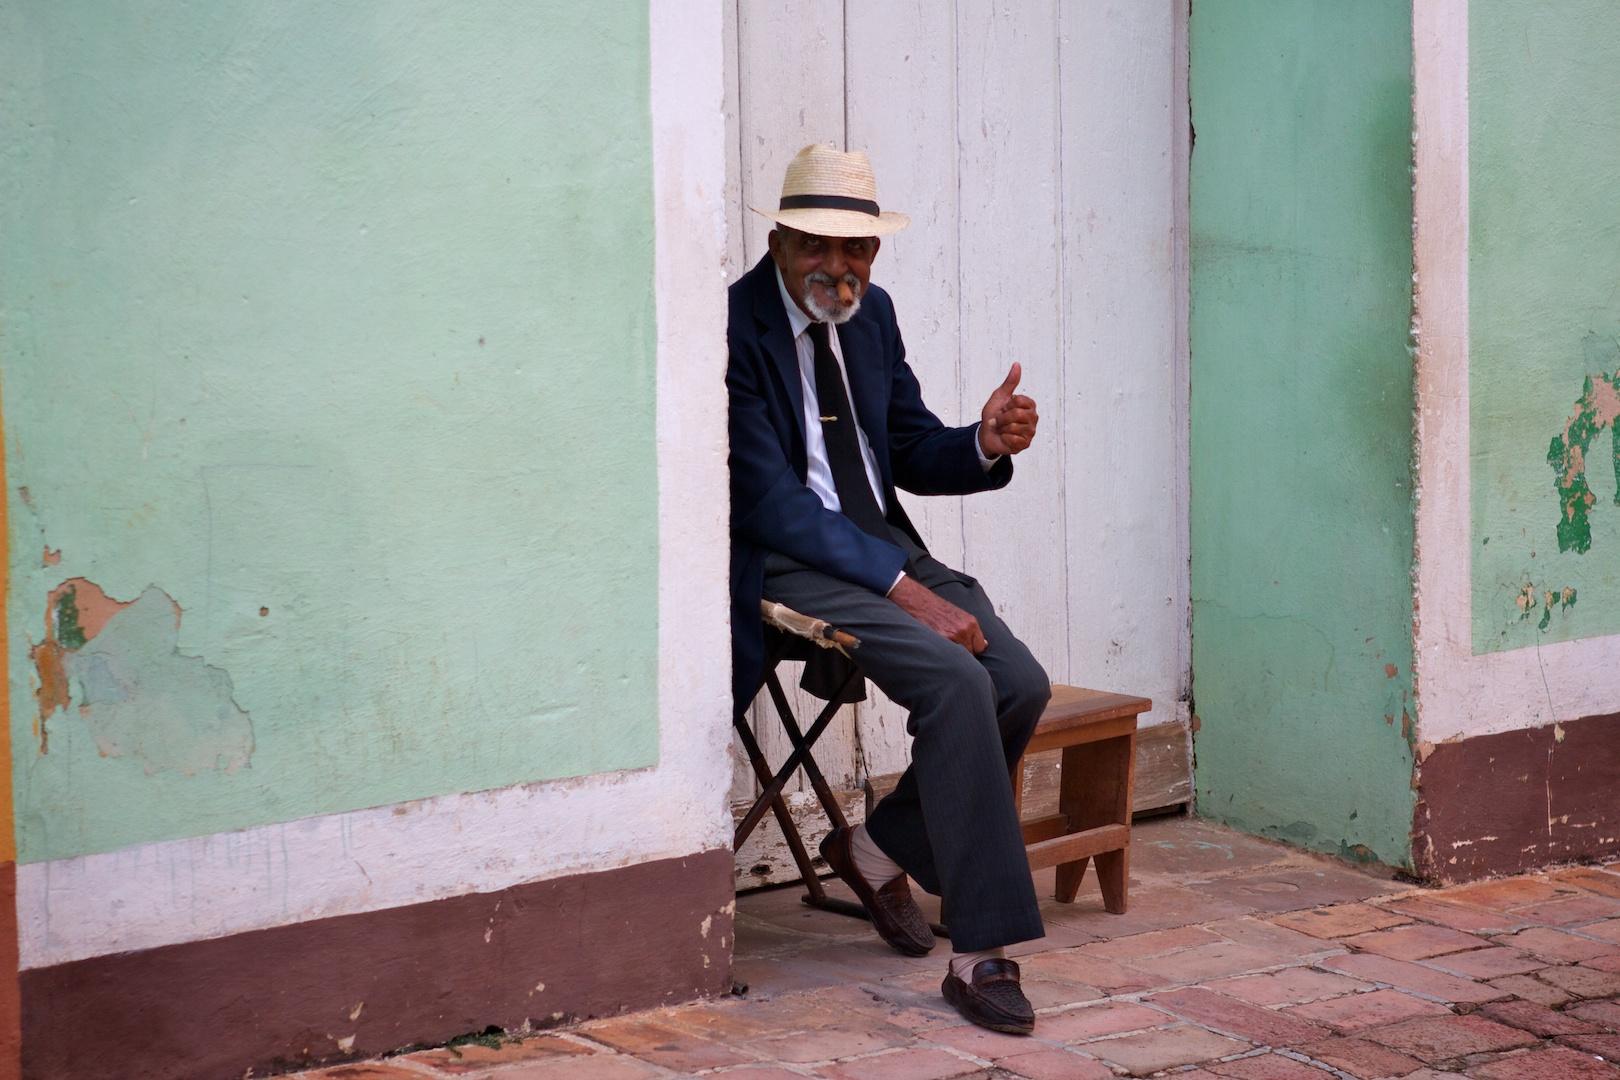 Cuba_20151130 089.jpg